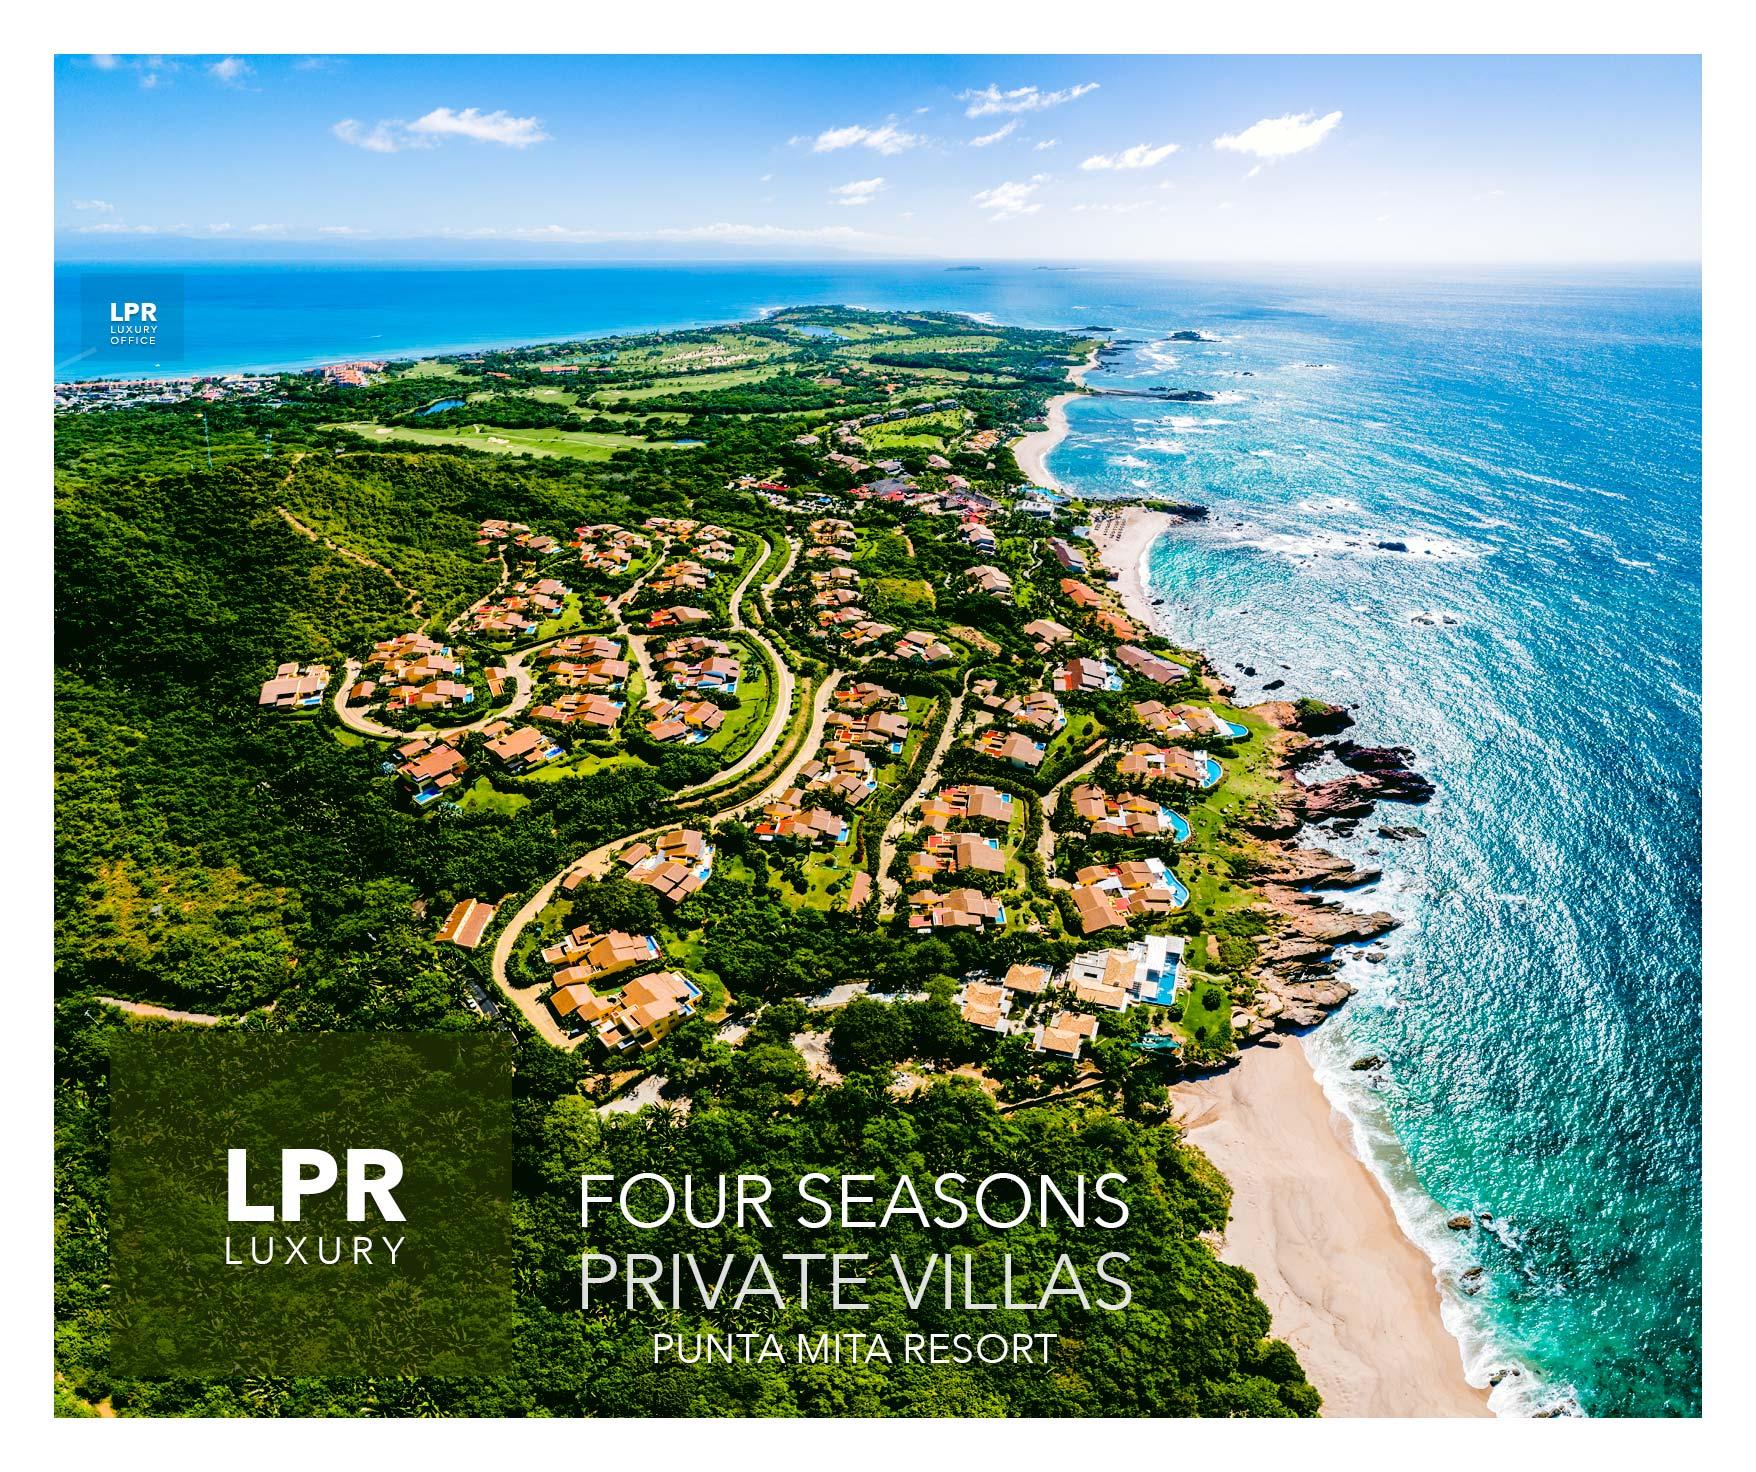 The Four Seasons Private Villas at the Punta Mita Resort, Rivierea Nayarit, Mexico